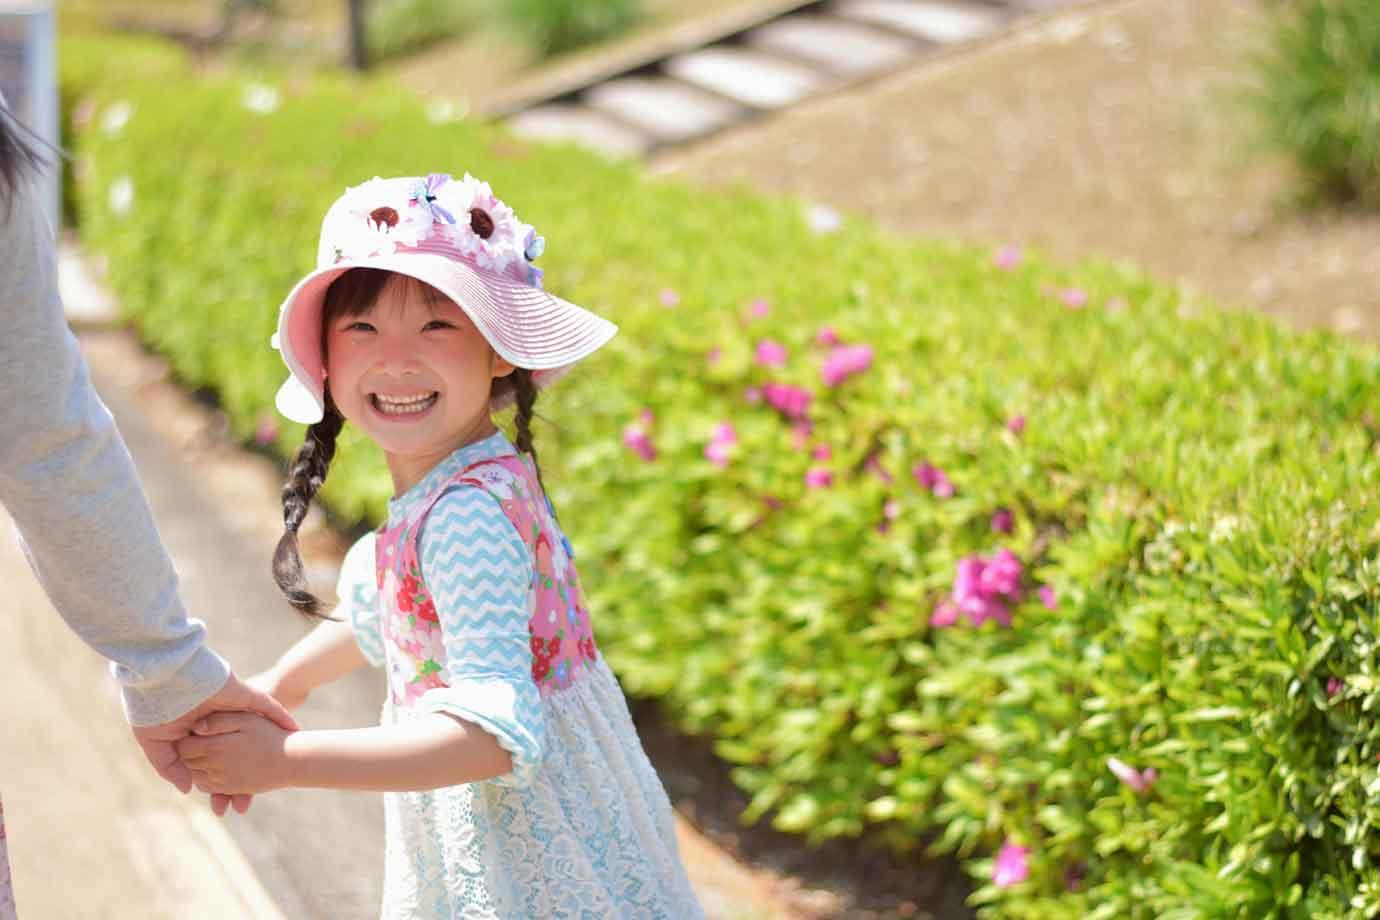 子どもの健やかな成長のために身につけたい自己肯定感は、自分のことを肯定できる感覚。ありのままの自分のことを受け入れて、認められる感情です